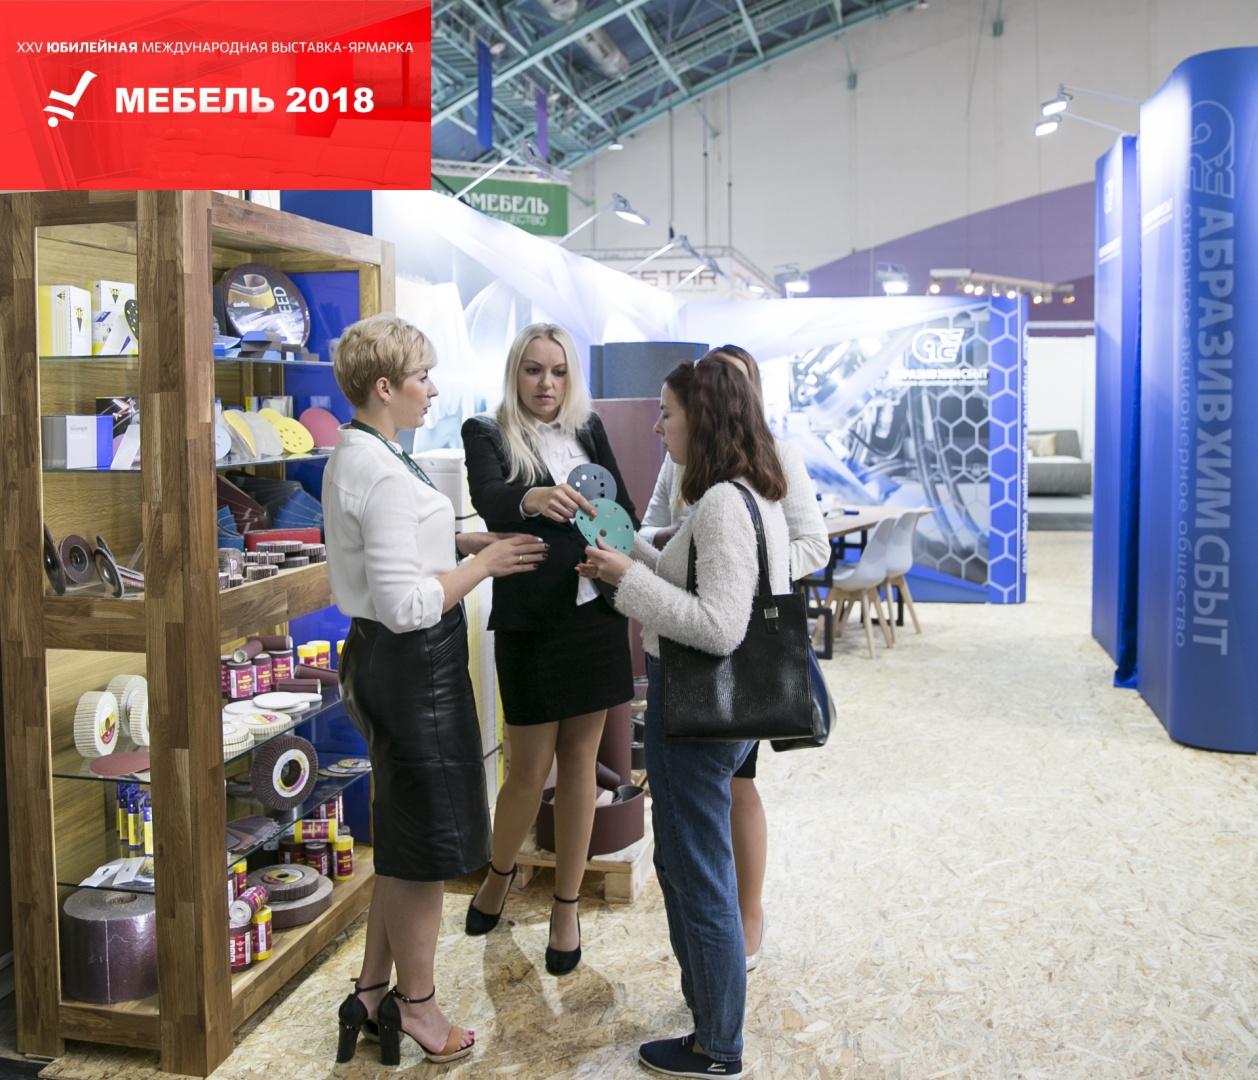 Выставка Мебель 2018